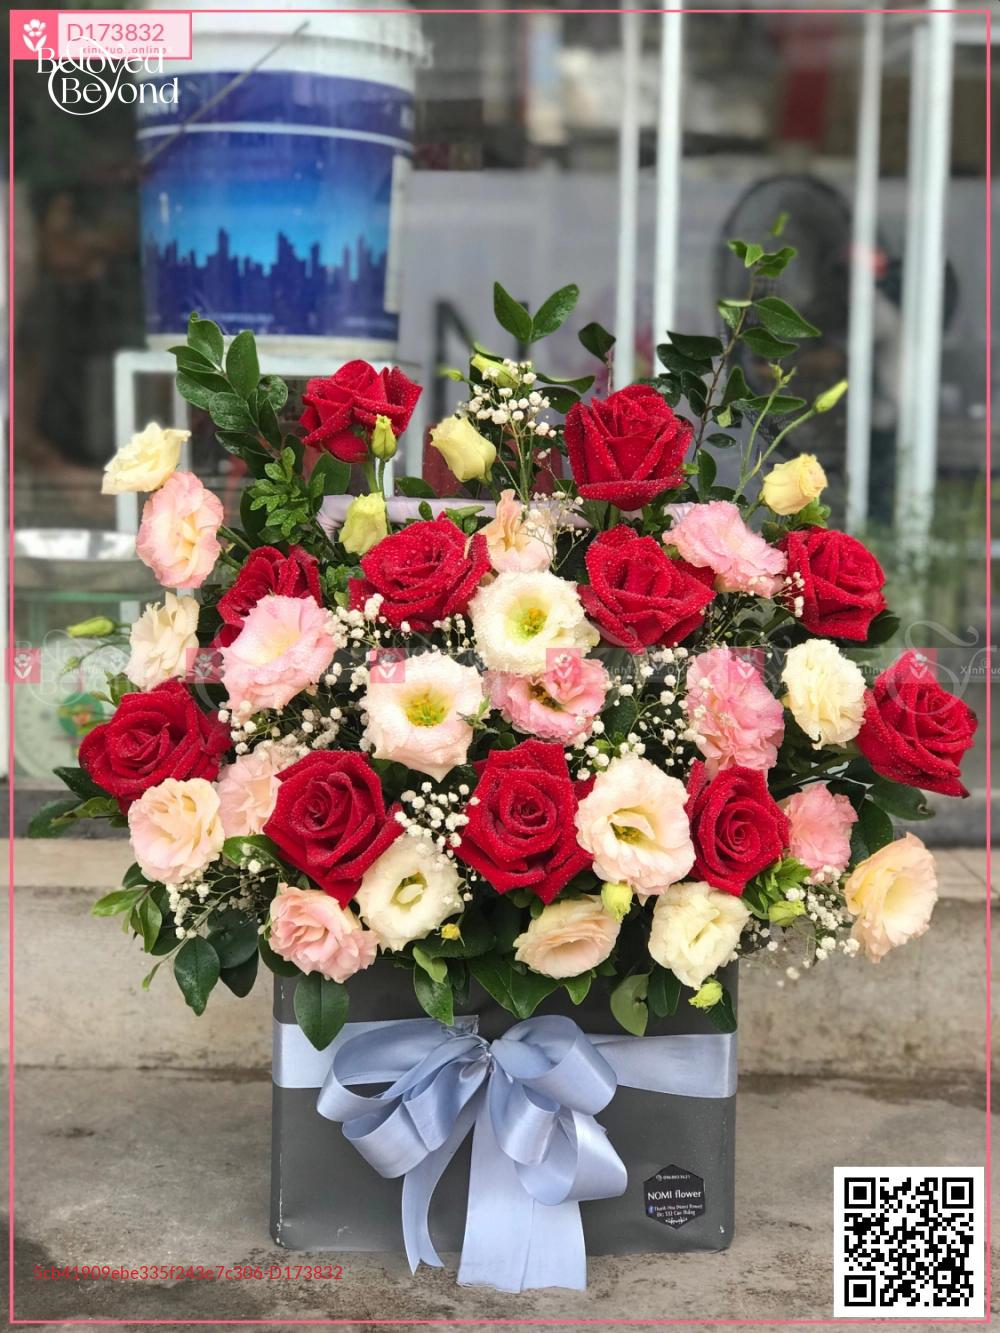 Xinh xắn - D173832 - xinhtuoi.online